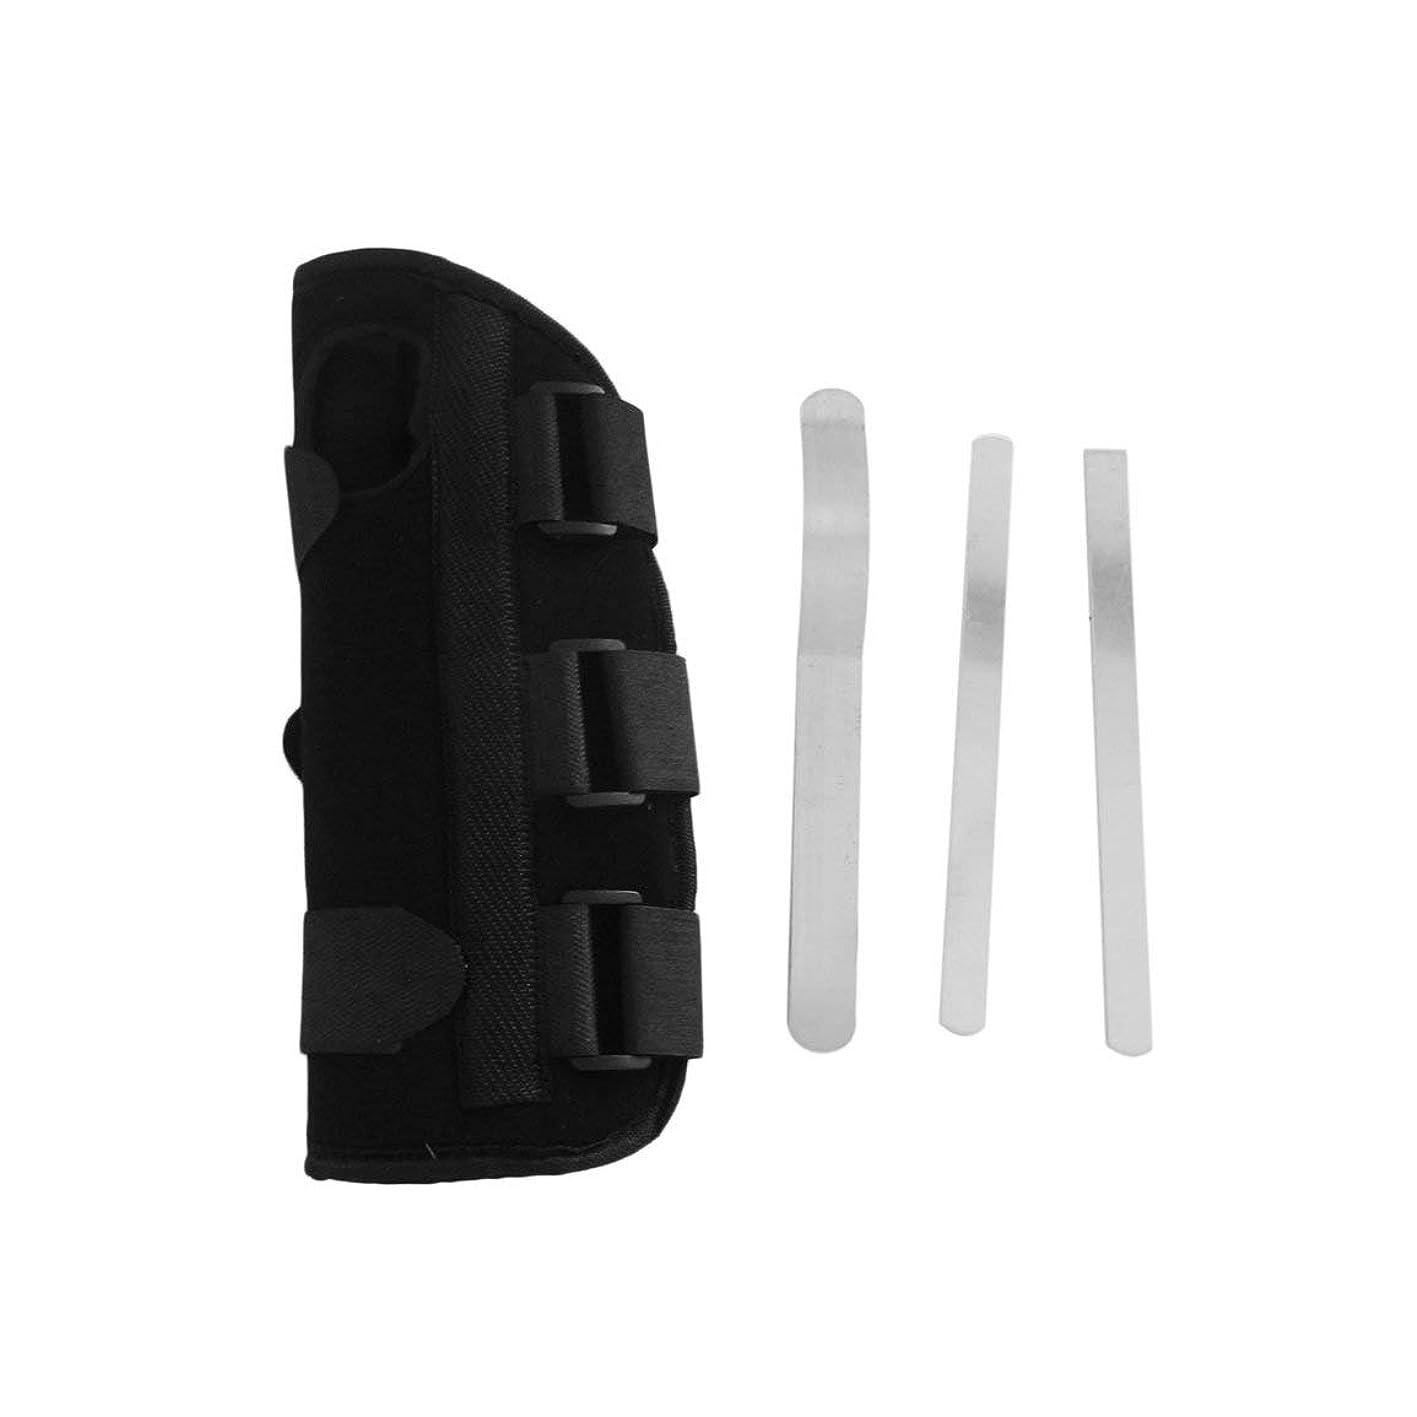 部分的に扇動する投獄手首副木ブレース保護サポートストラップカルペルトンネルCTS RSI痛み軽減リムーバブル副木快適な軽量ストラップ - ブラックM